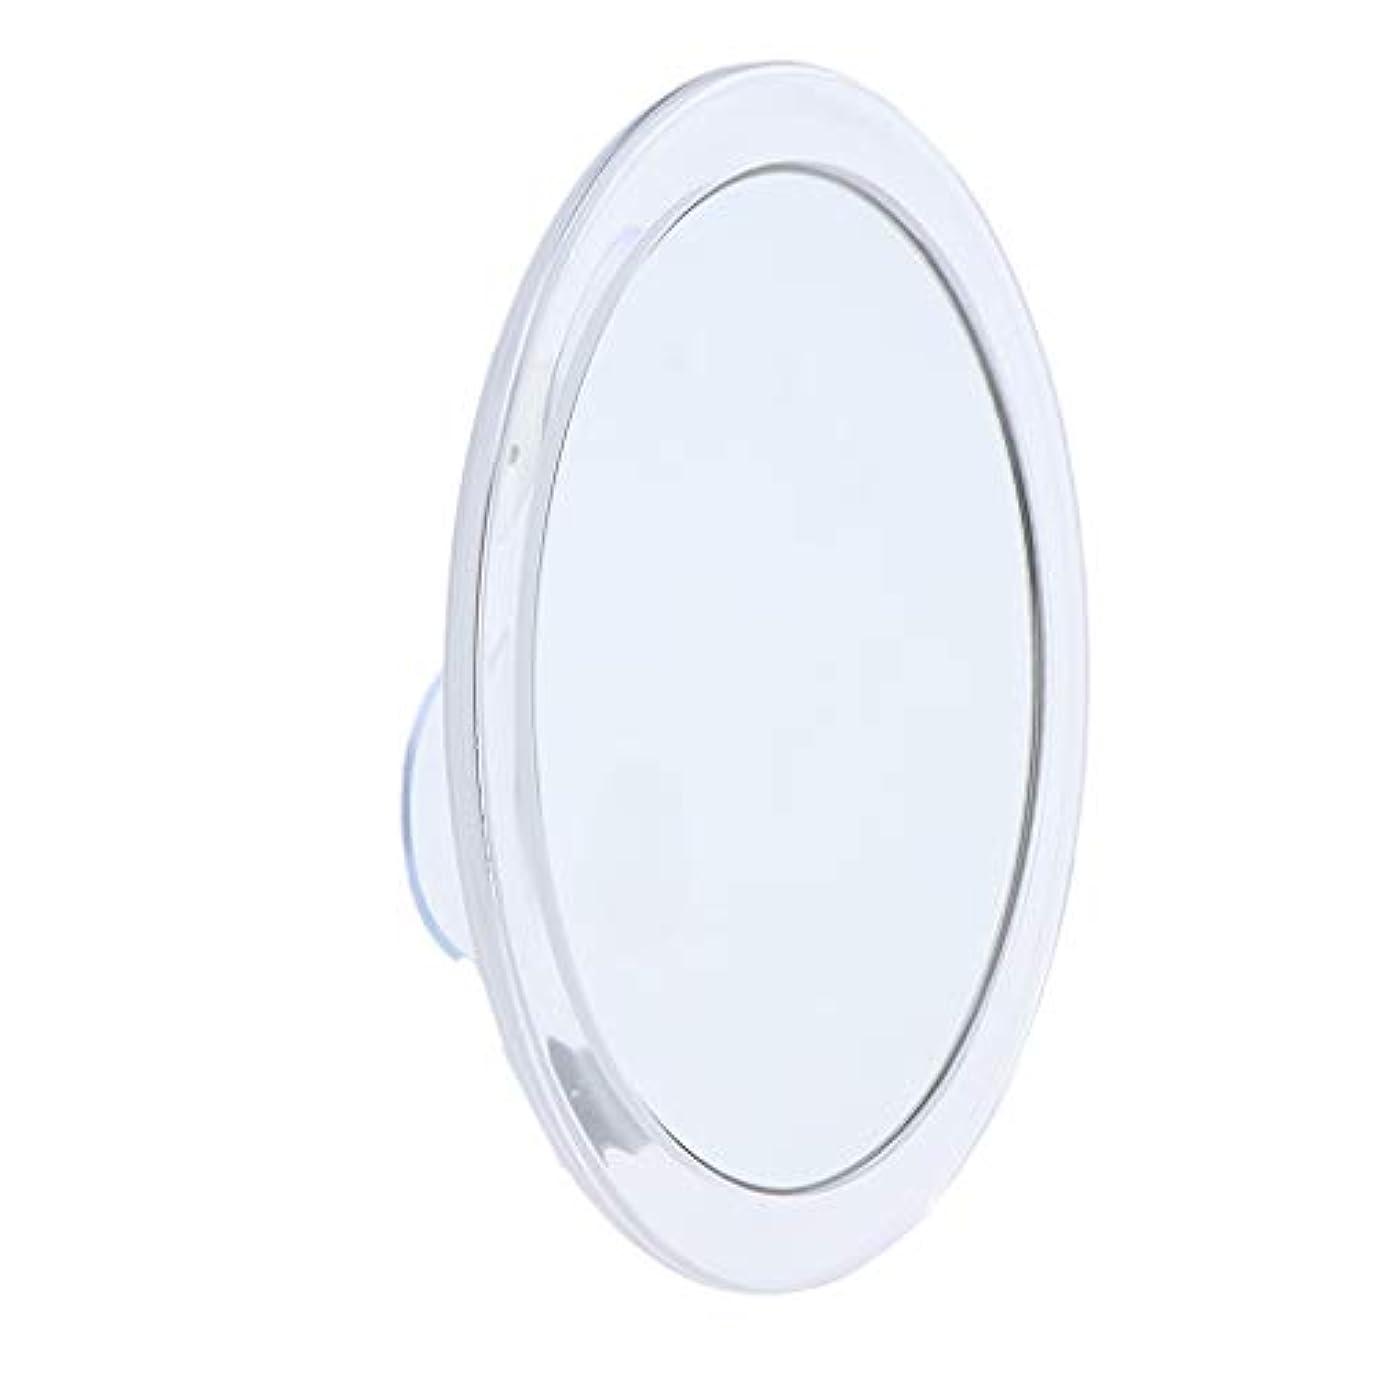 豊富に後ハーフToygogo サクションミラー 化粧ミラー 化粧鏡 メイクアップミラー 5倍 拡大鏡 吸盤付き